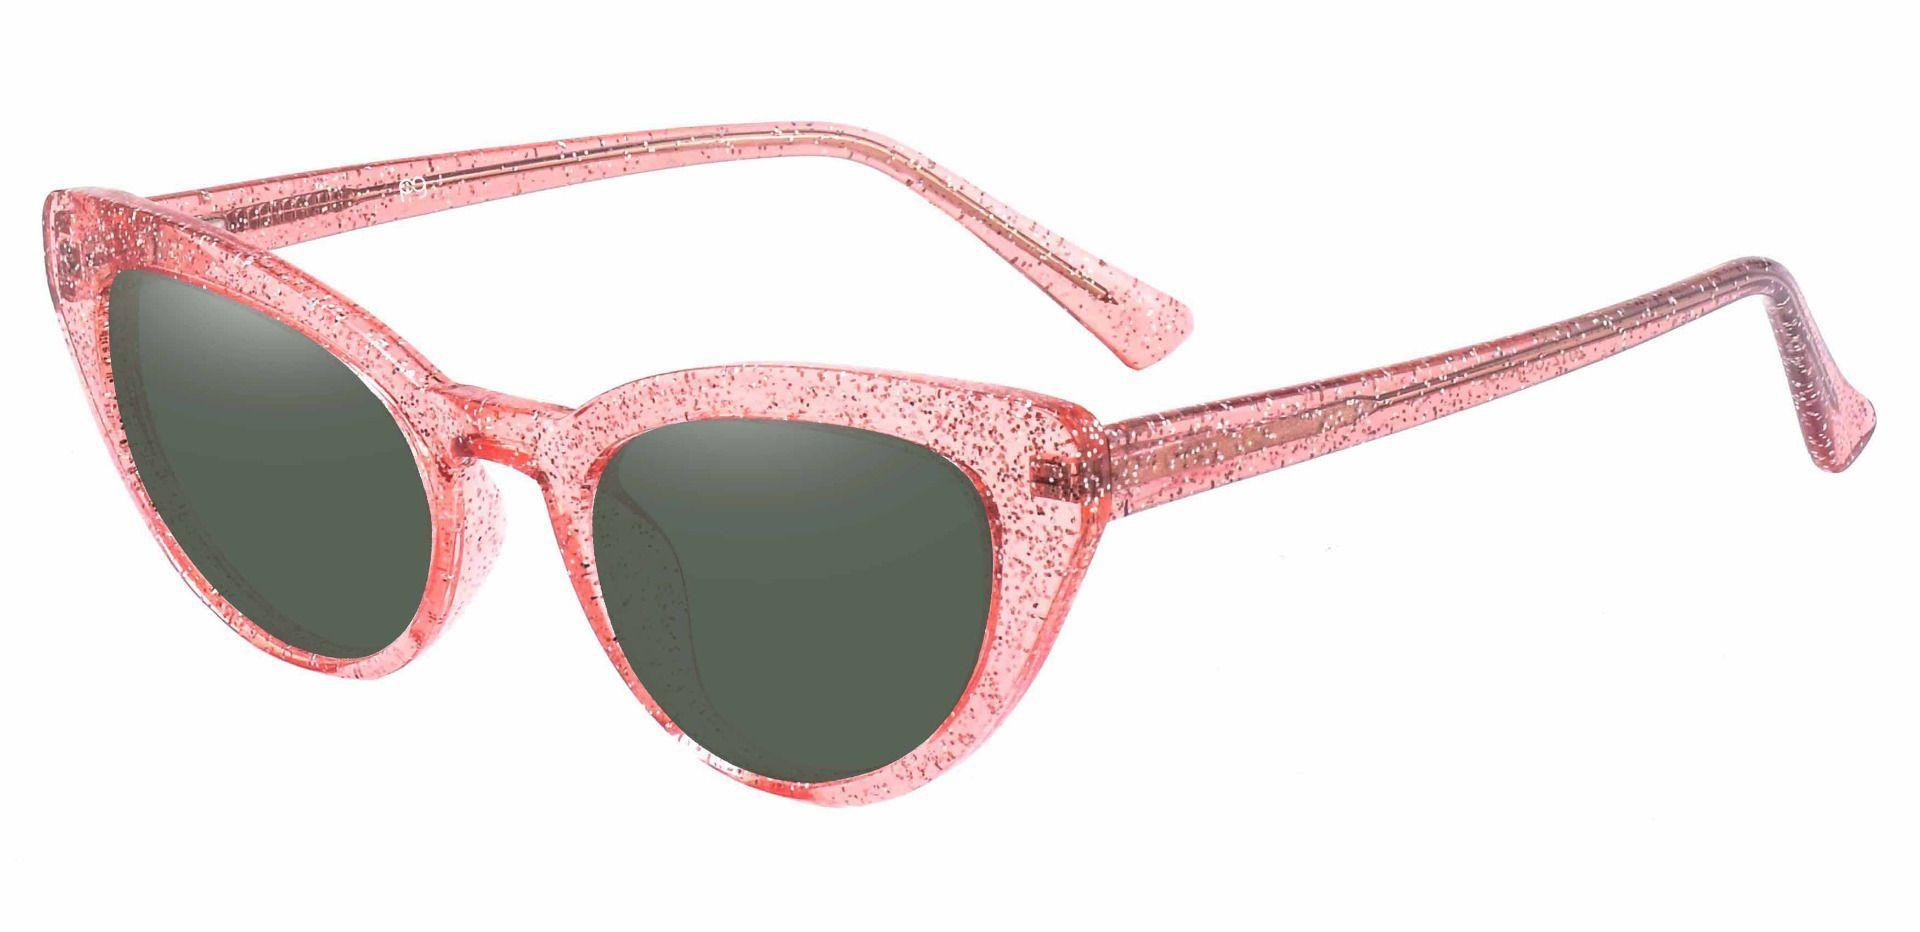 June Cat Eye Prescription Sunglasses - Pink Frame With Green Lenses